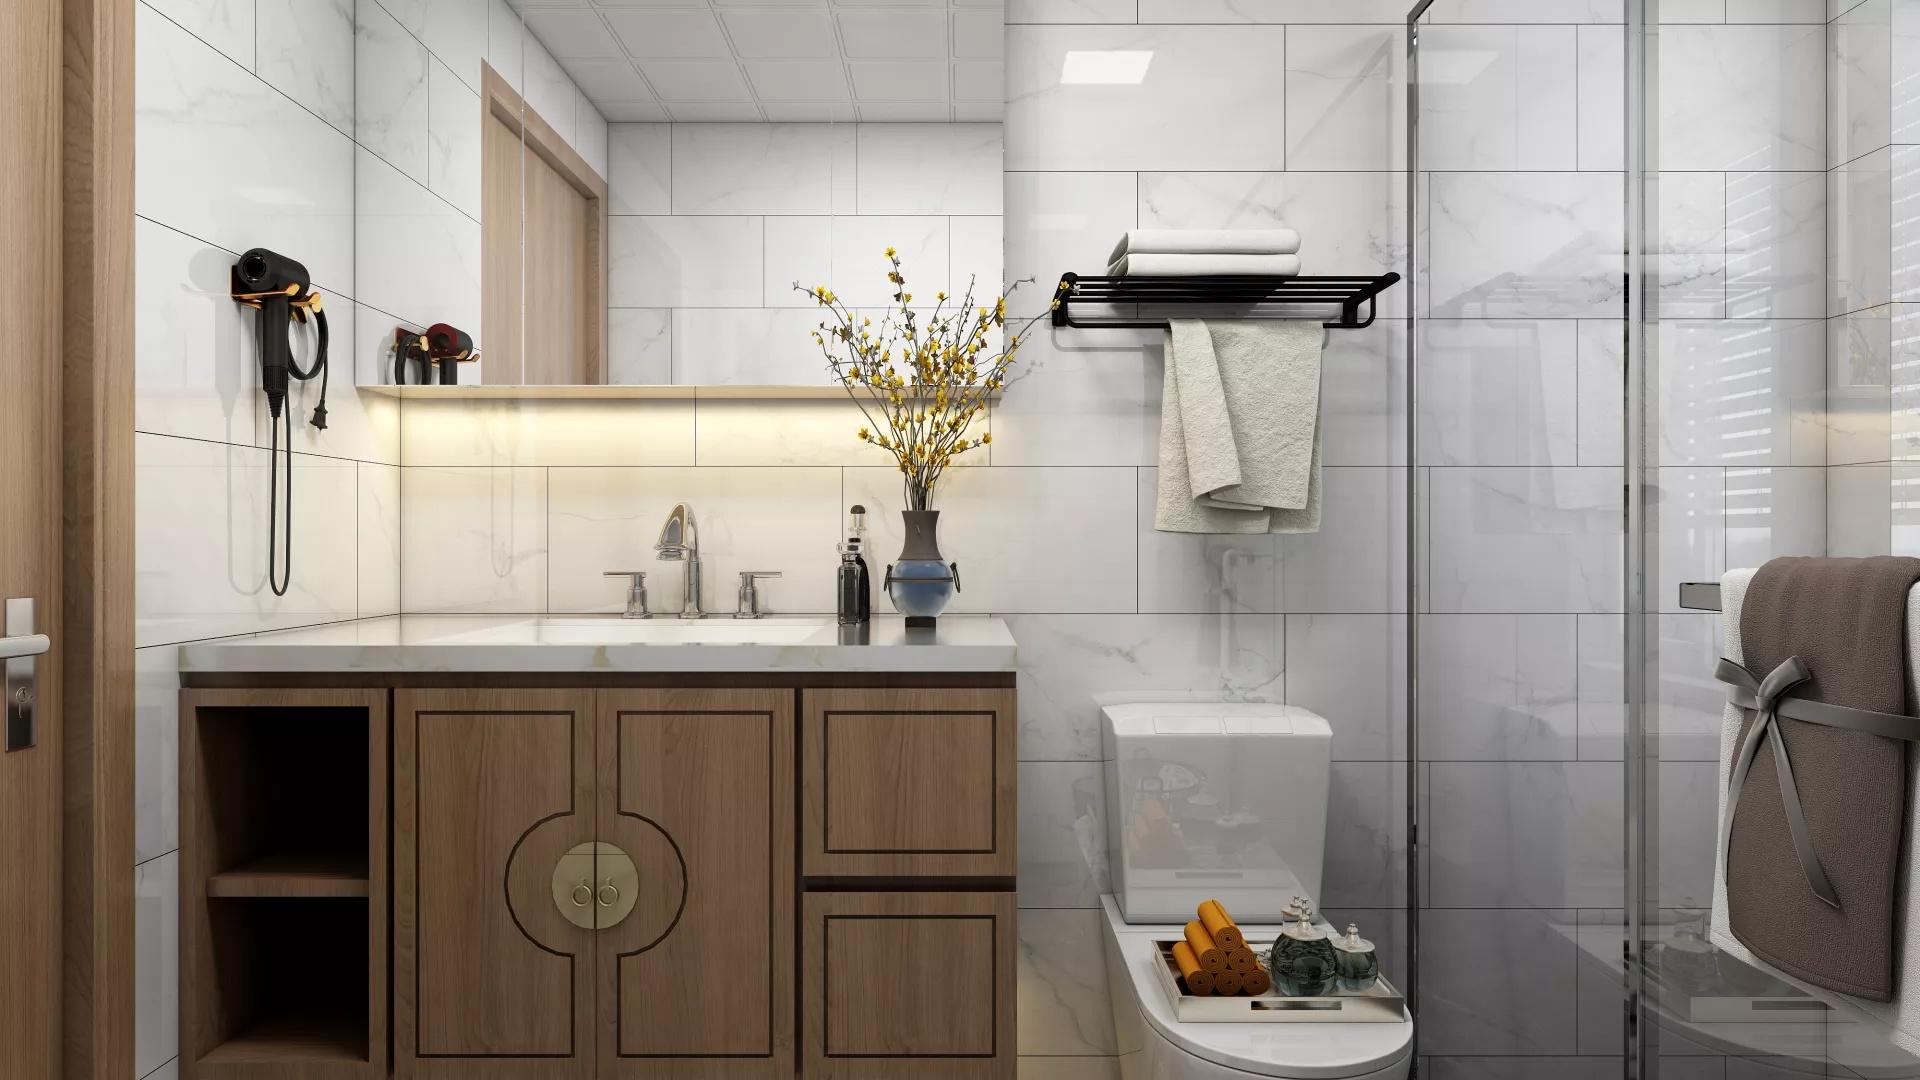 排水管材料有哪些 室内排水管材料有哪些